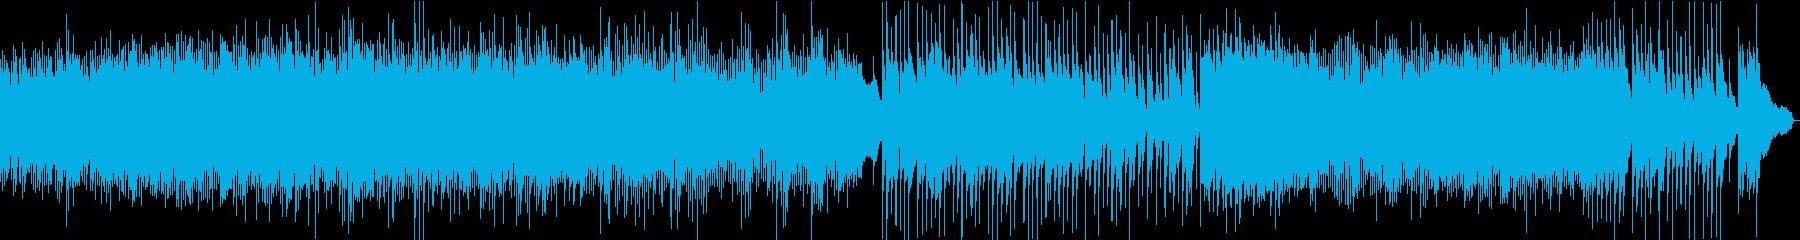 夢 - ドビュッシー・ソフトピアノの再生済みの波形